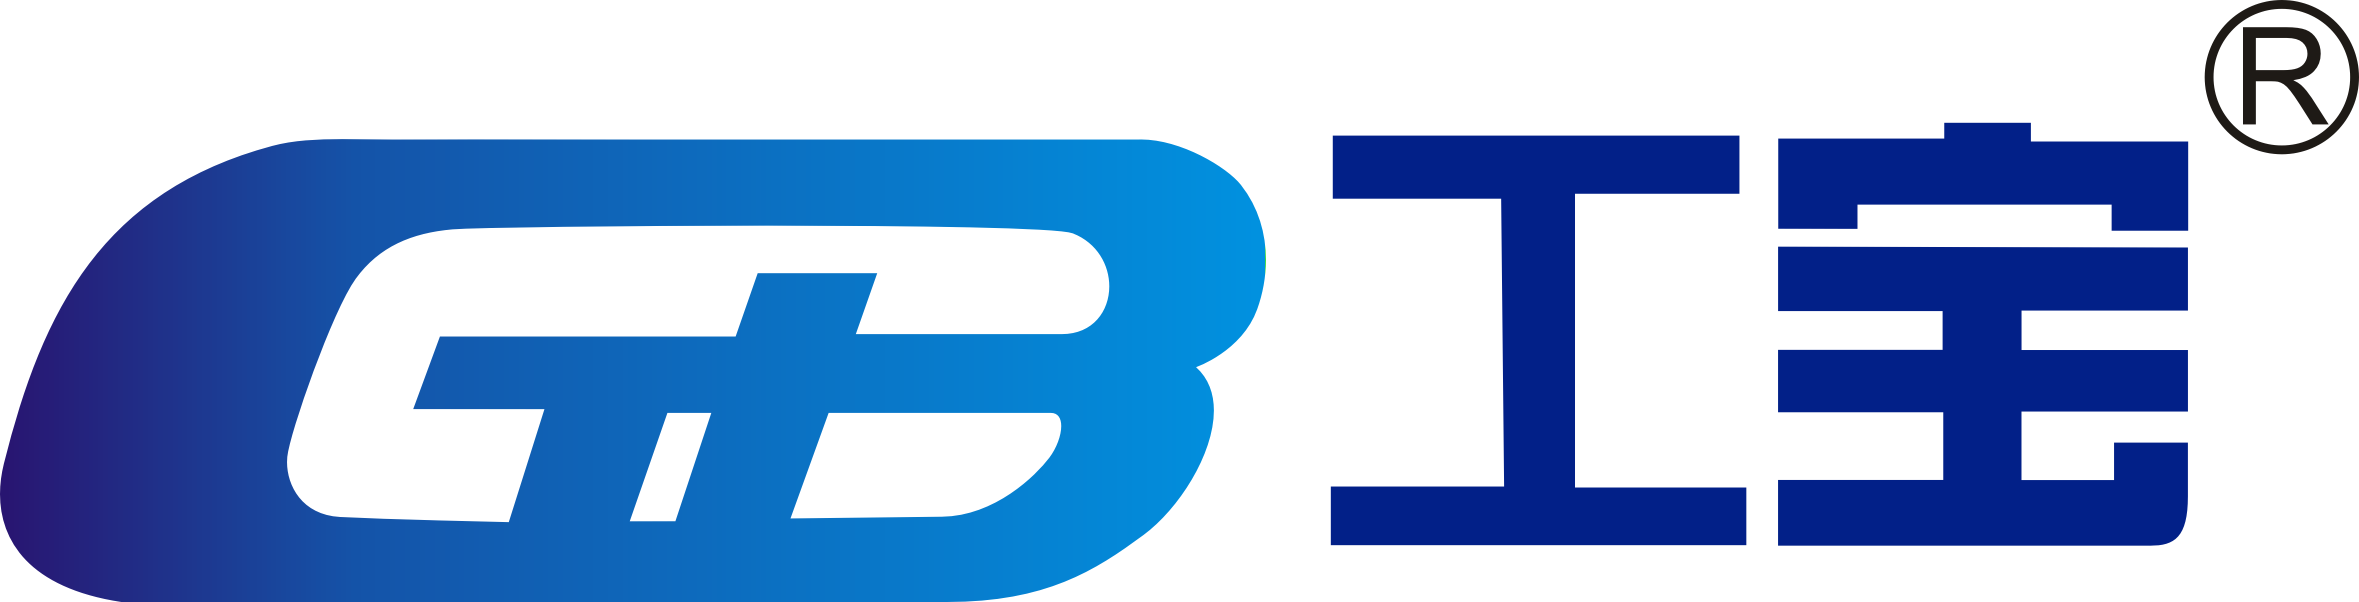 logo 标识 标志 设计 矢量 矢量图 素材 图标 2359_602